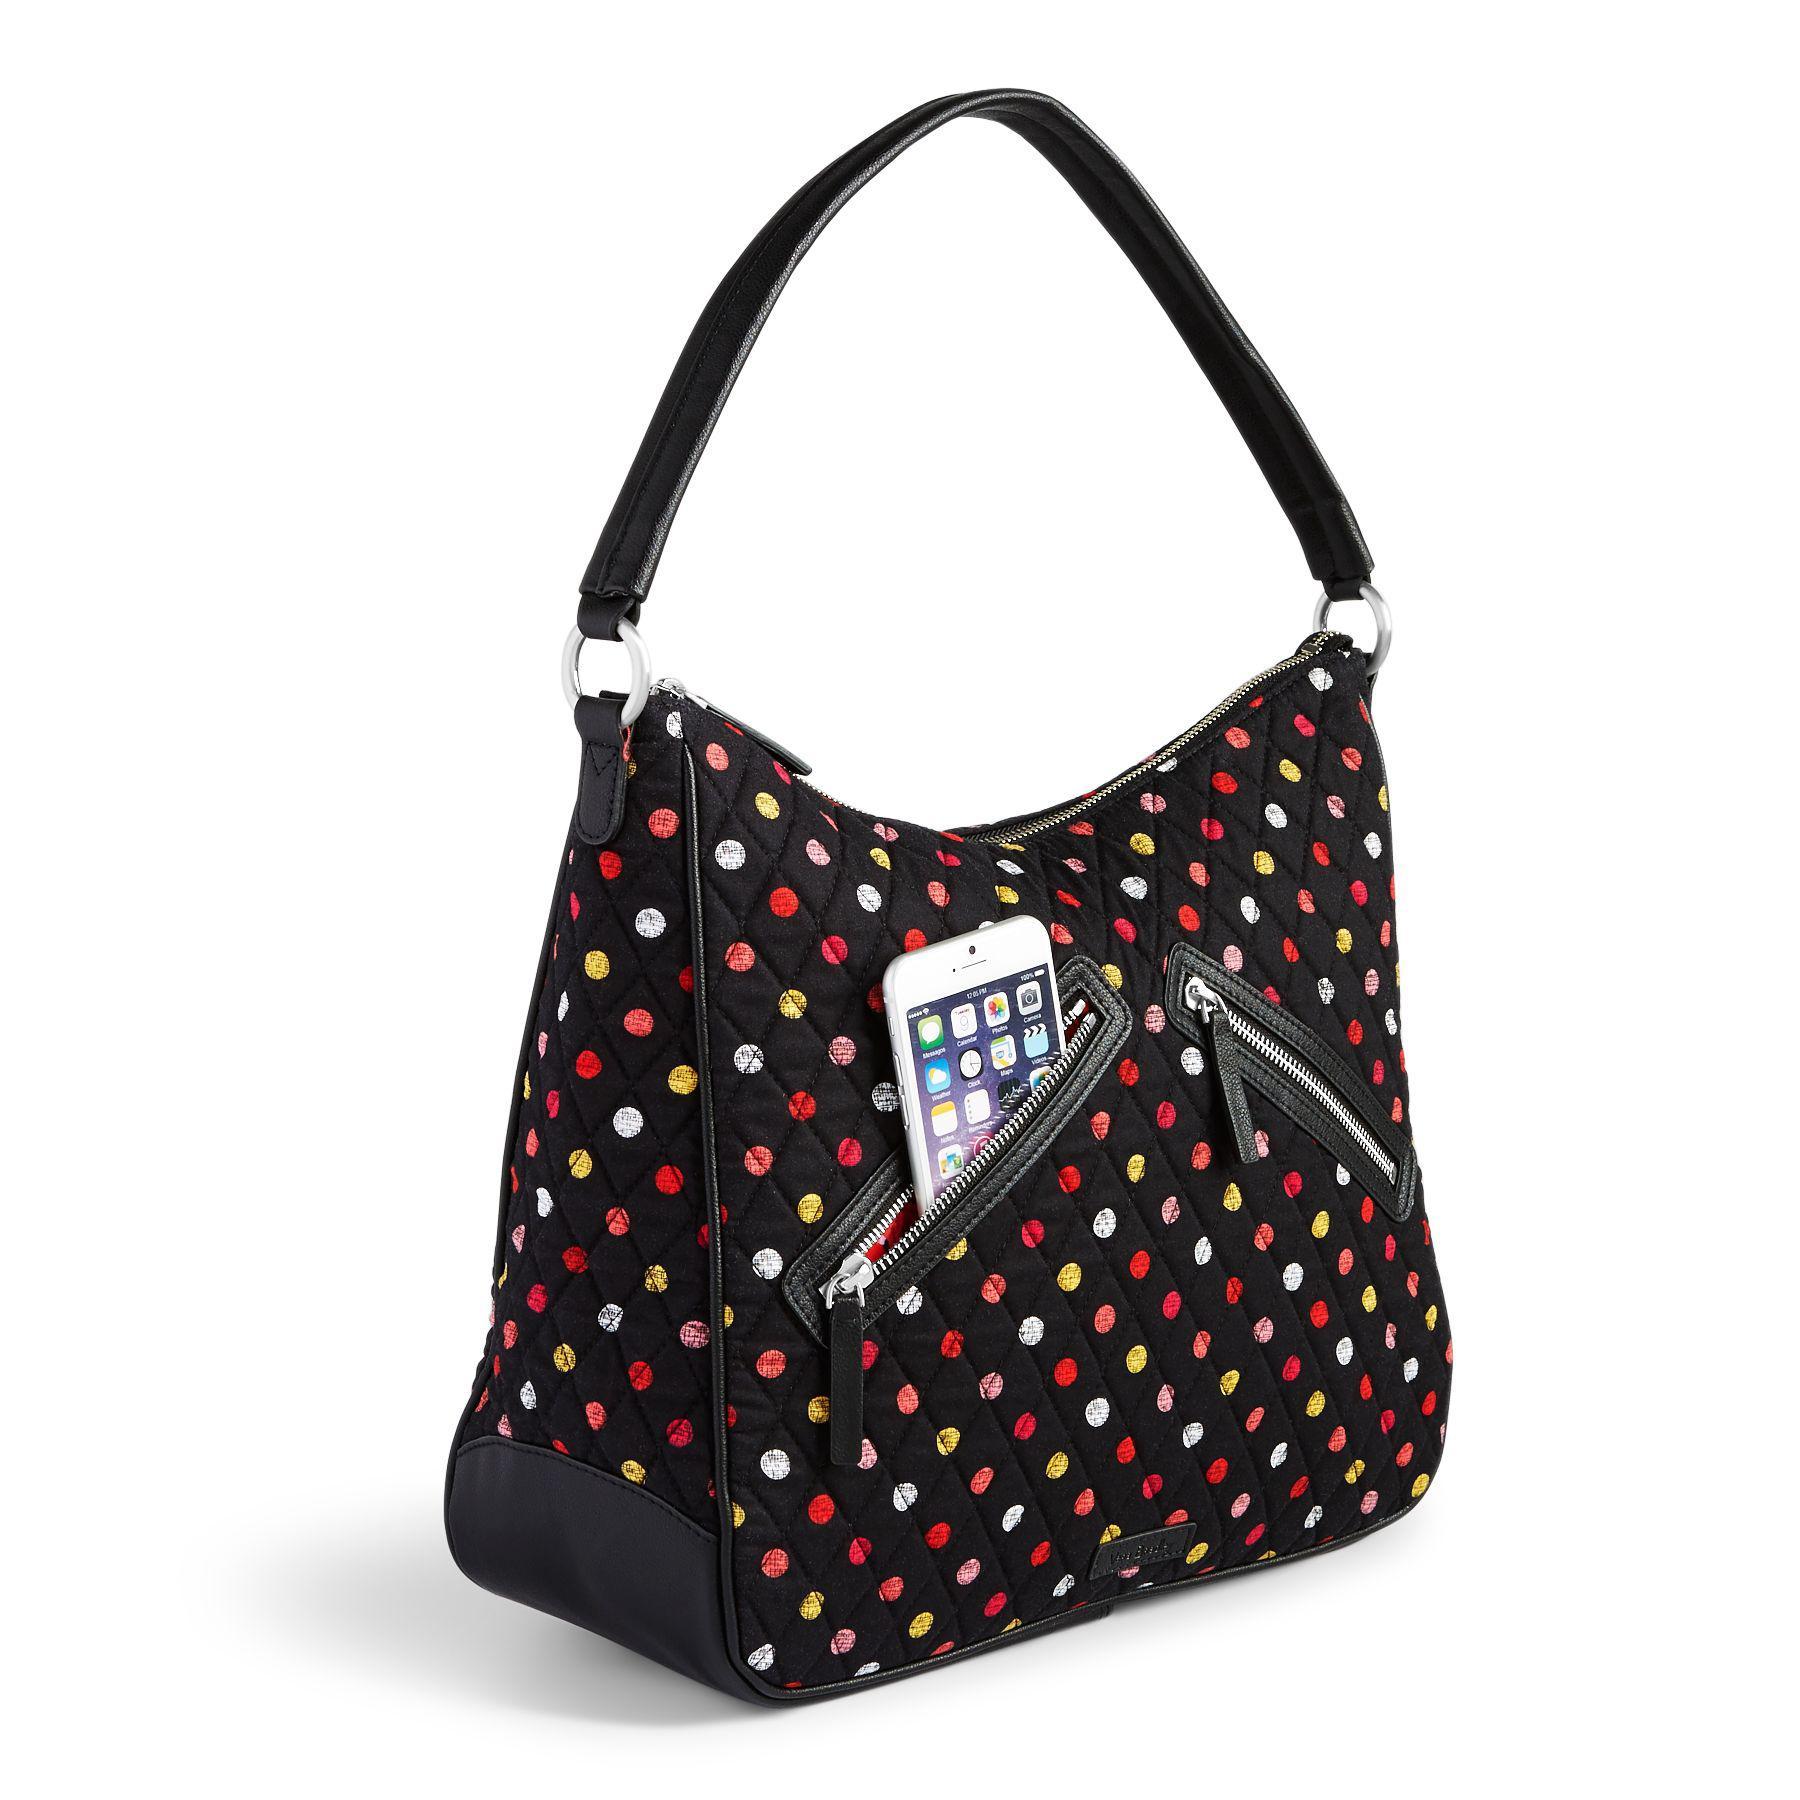 Lyst - Vera Bradley Vivian Hobo Bag in Black